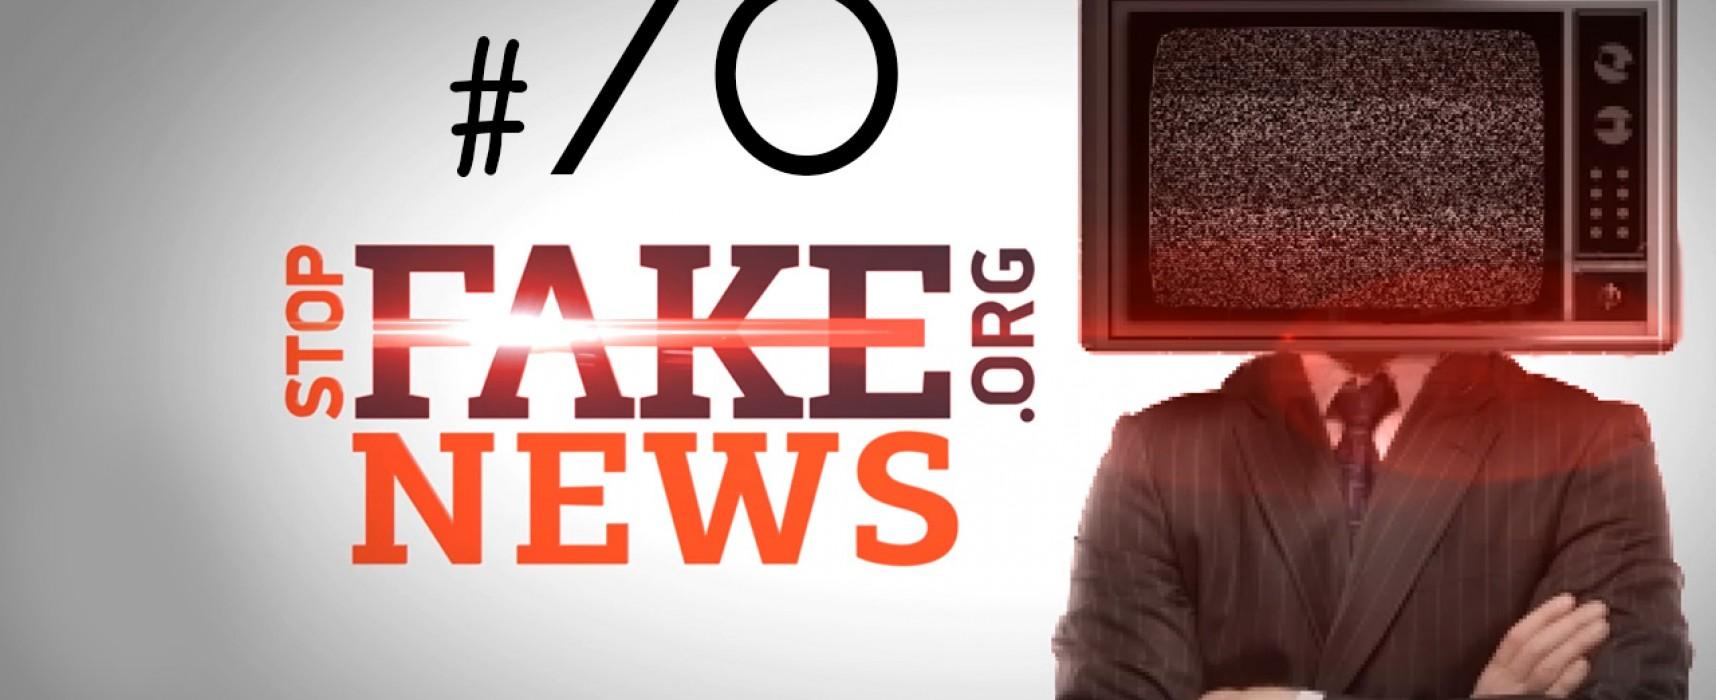 StopFakeNews #70. Как «ЛНР» создавали фейк об американском оружии на Донбассе